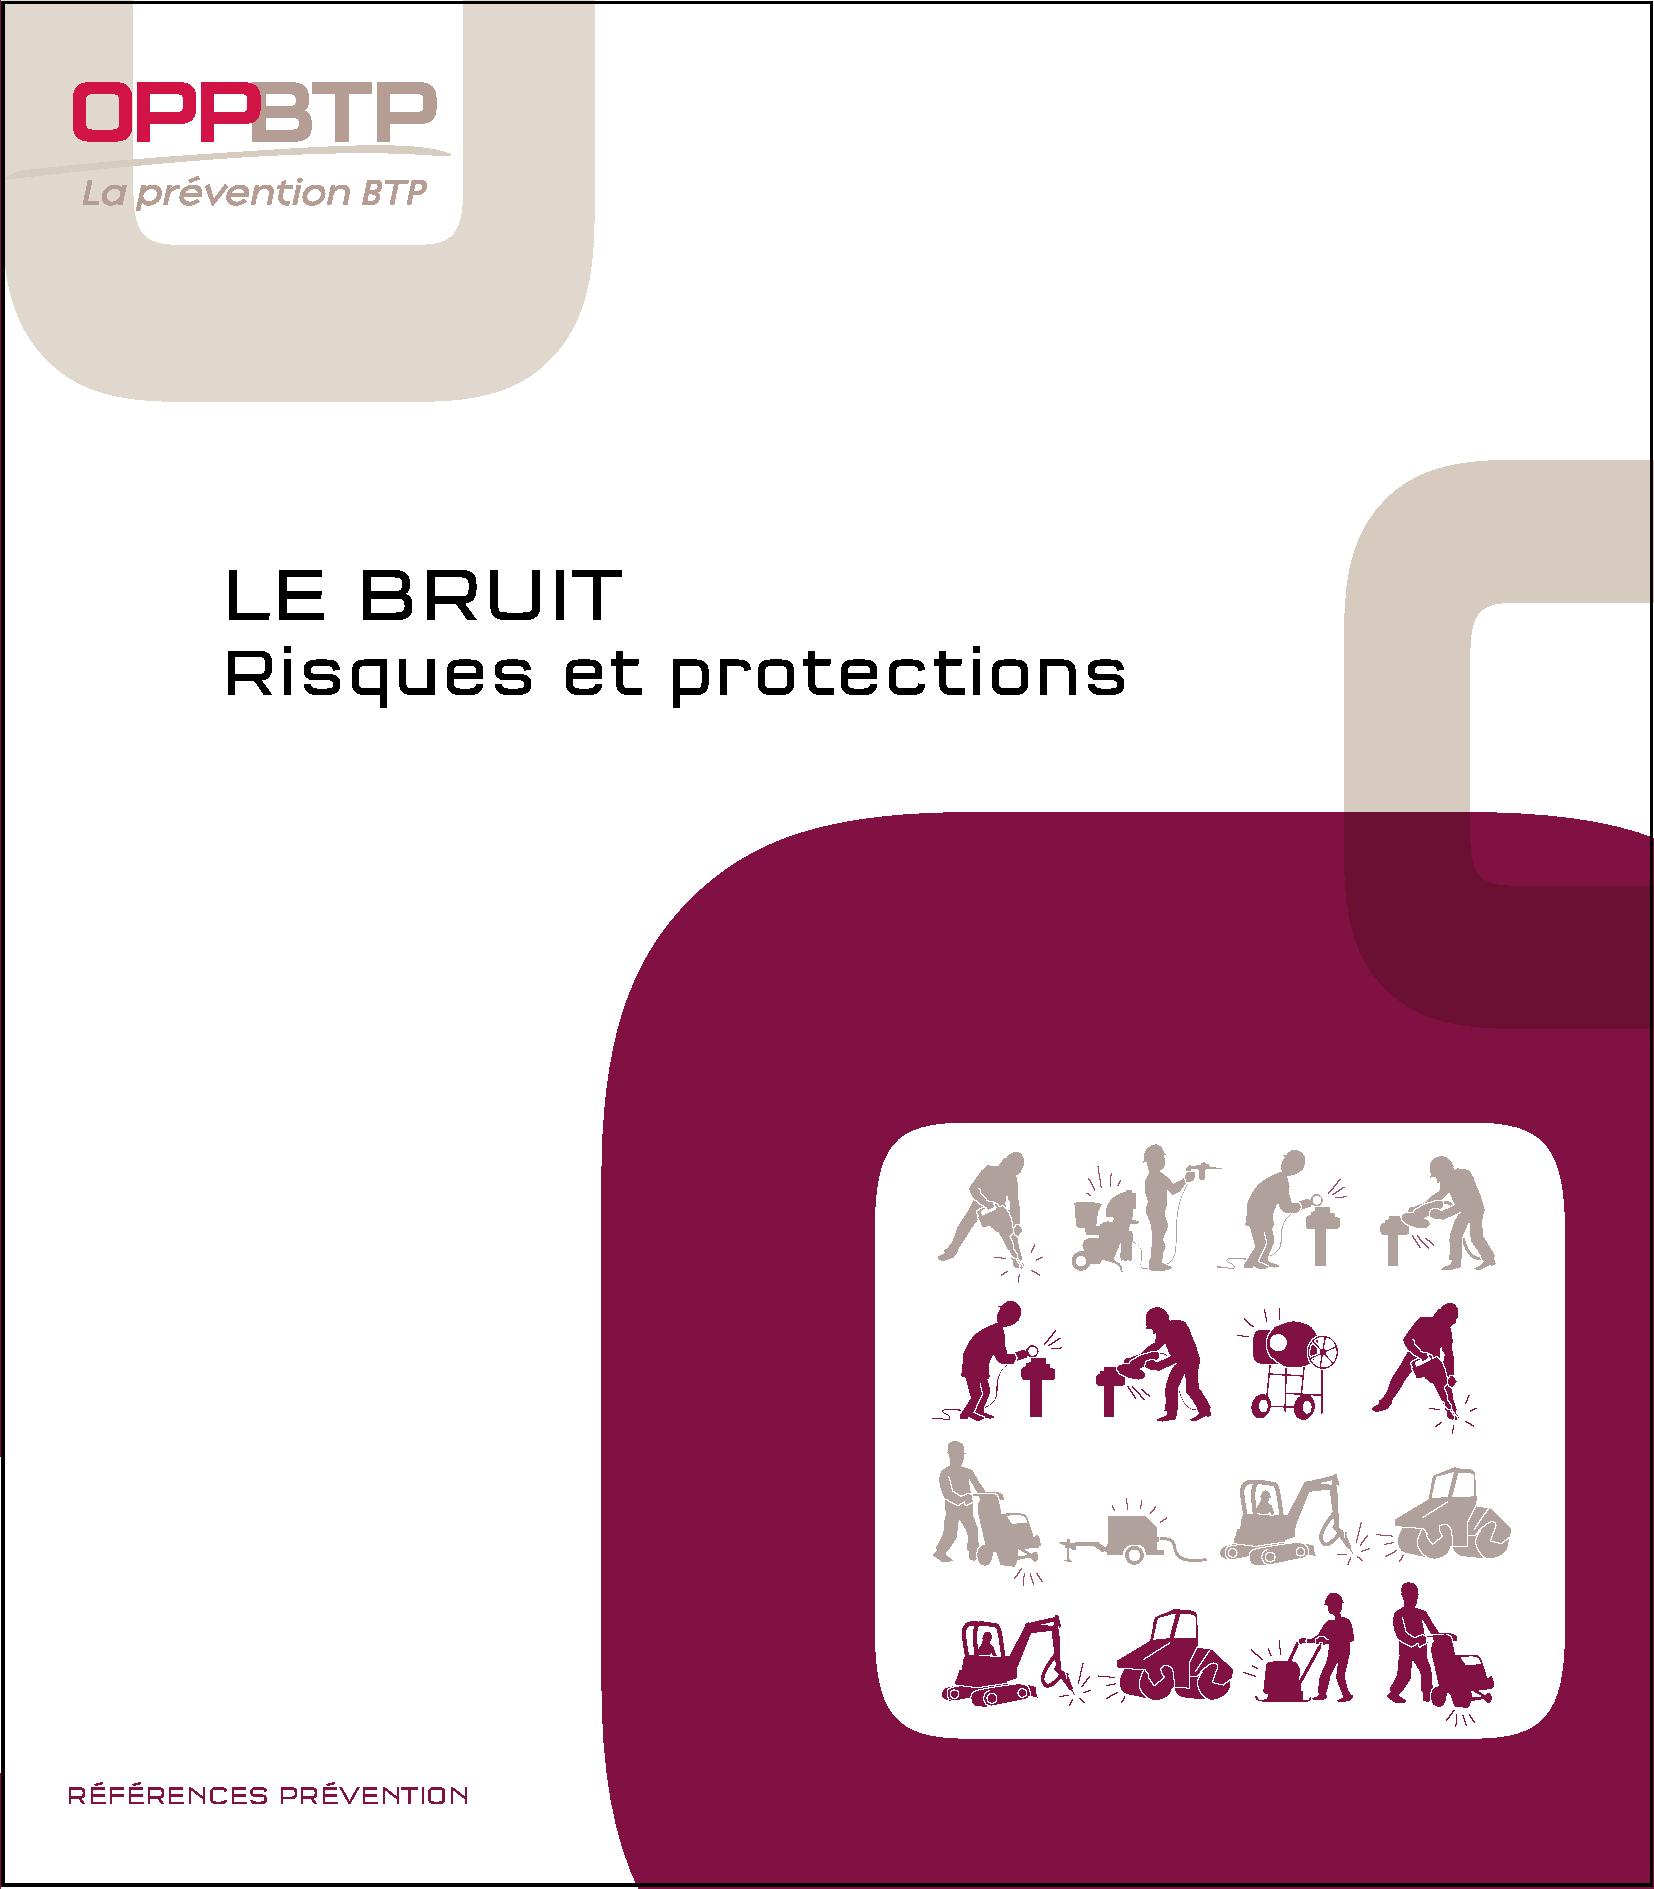 Le bruit - Risques et protections Prévention BTP